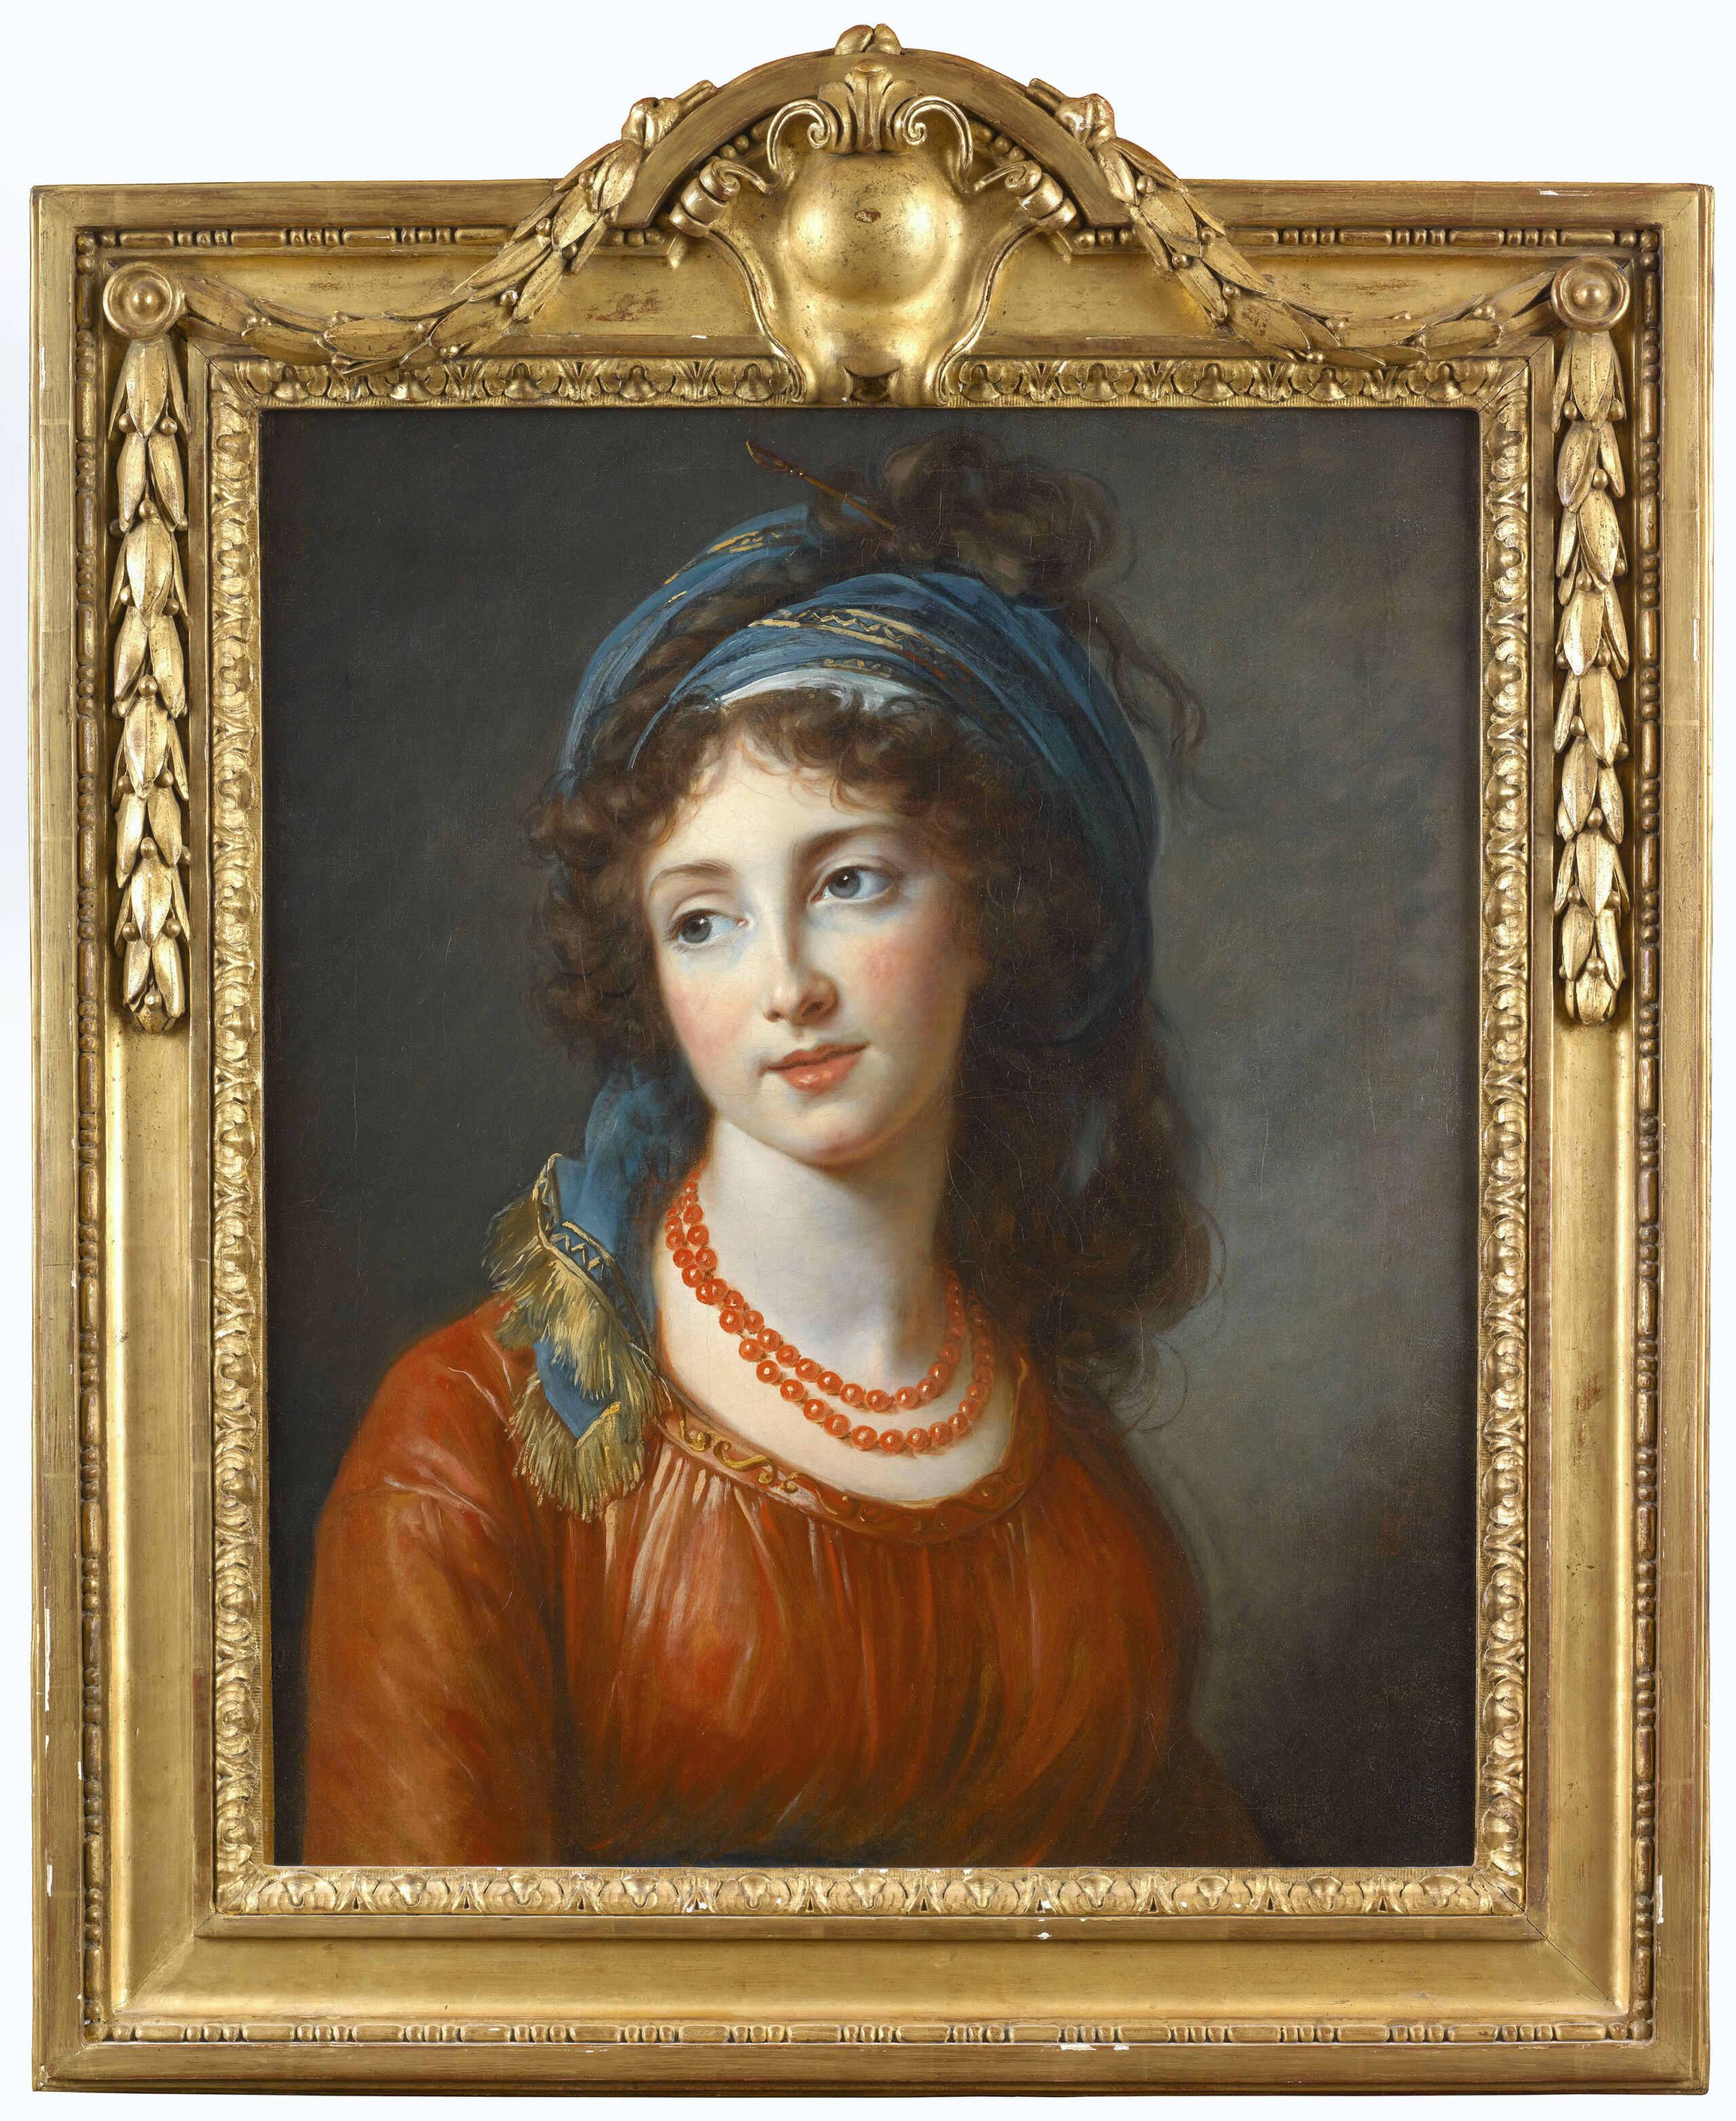 Aglaé de Polignac duchesse de Guiche - Page 2 Duches27